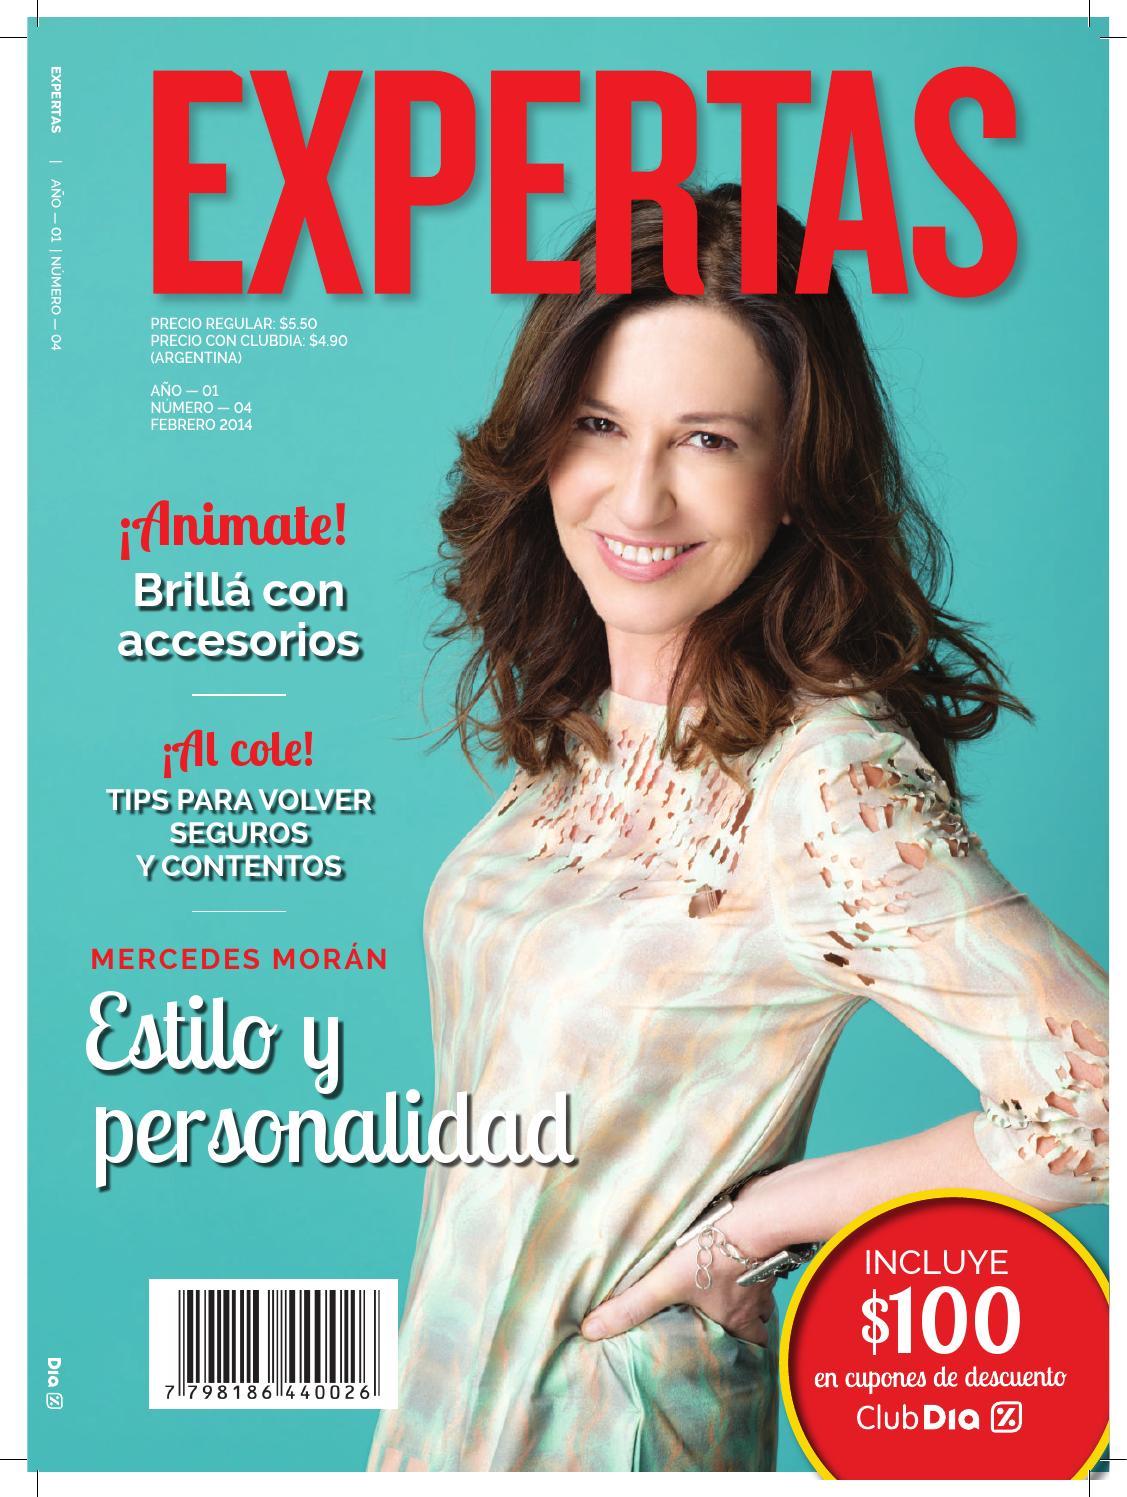 Revista Expertas - Febrero 2014 by DIA Argentina - issuu